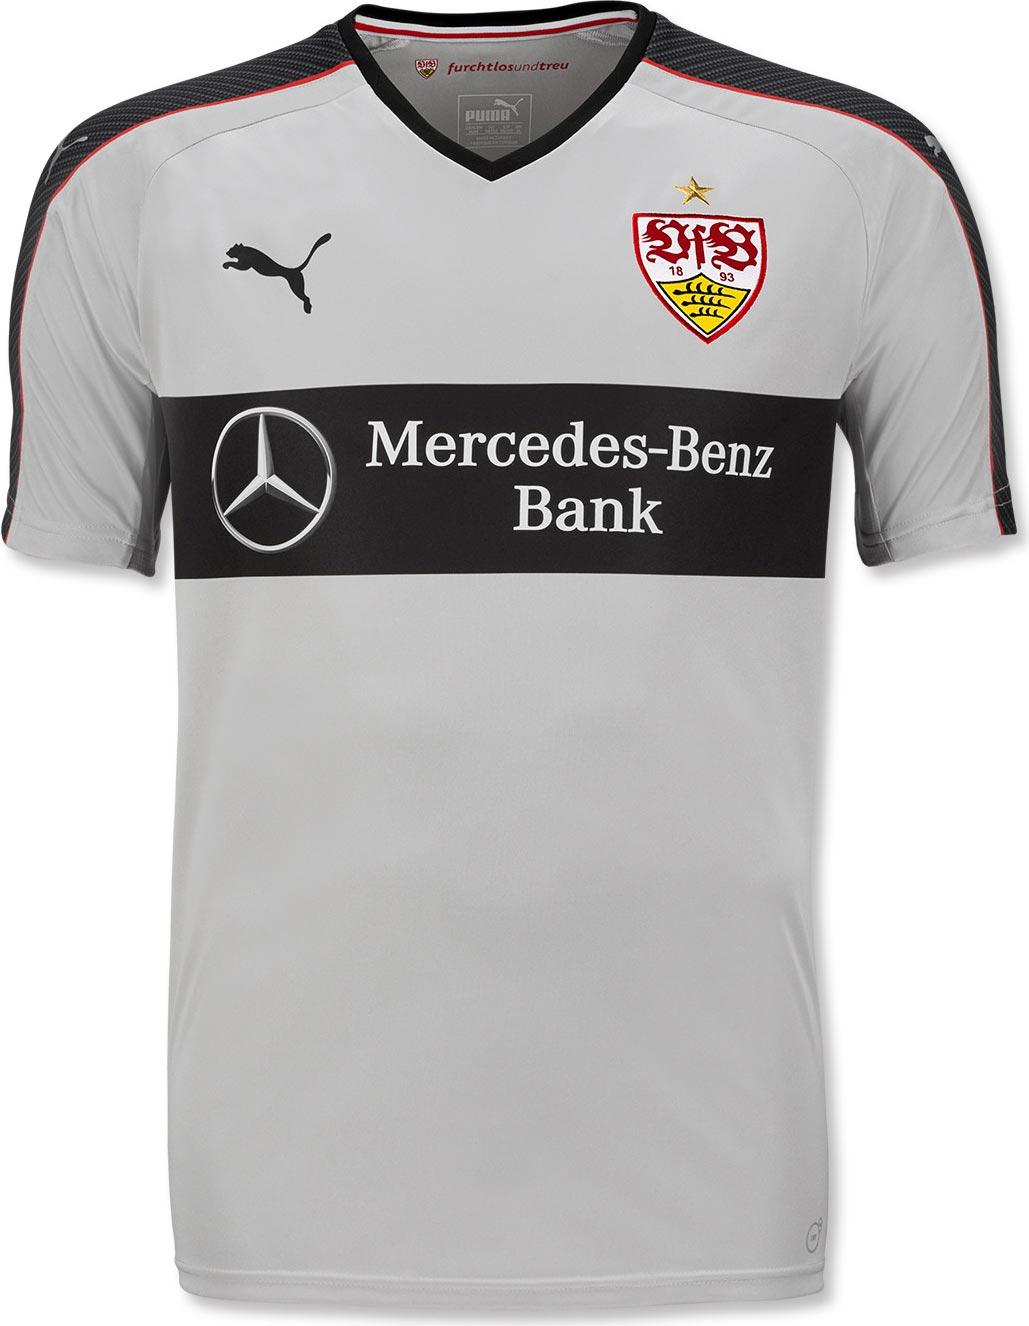 Sponsor Stuttgart